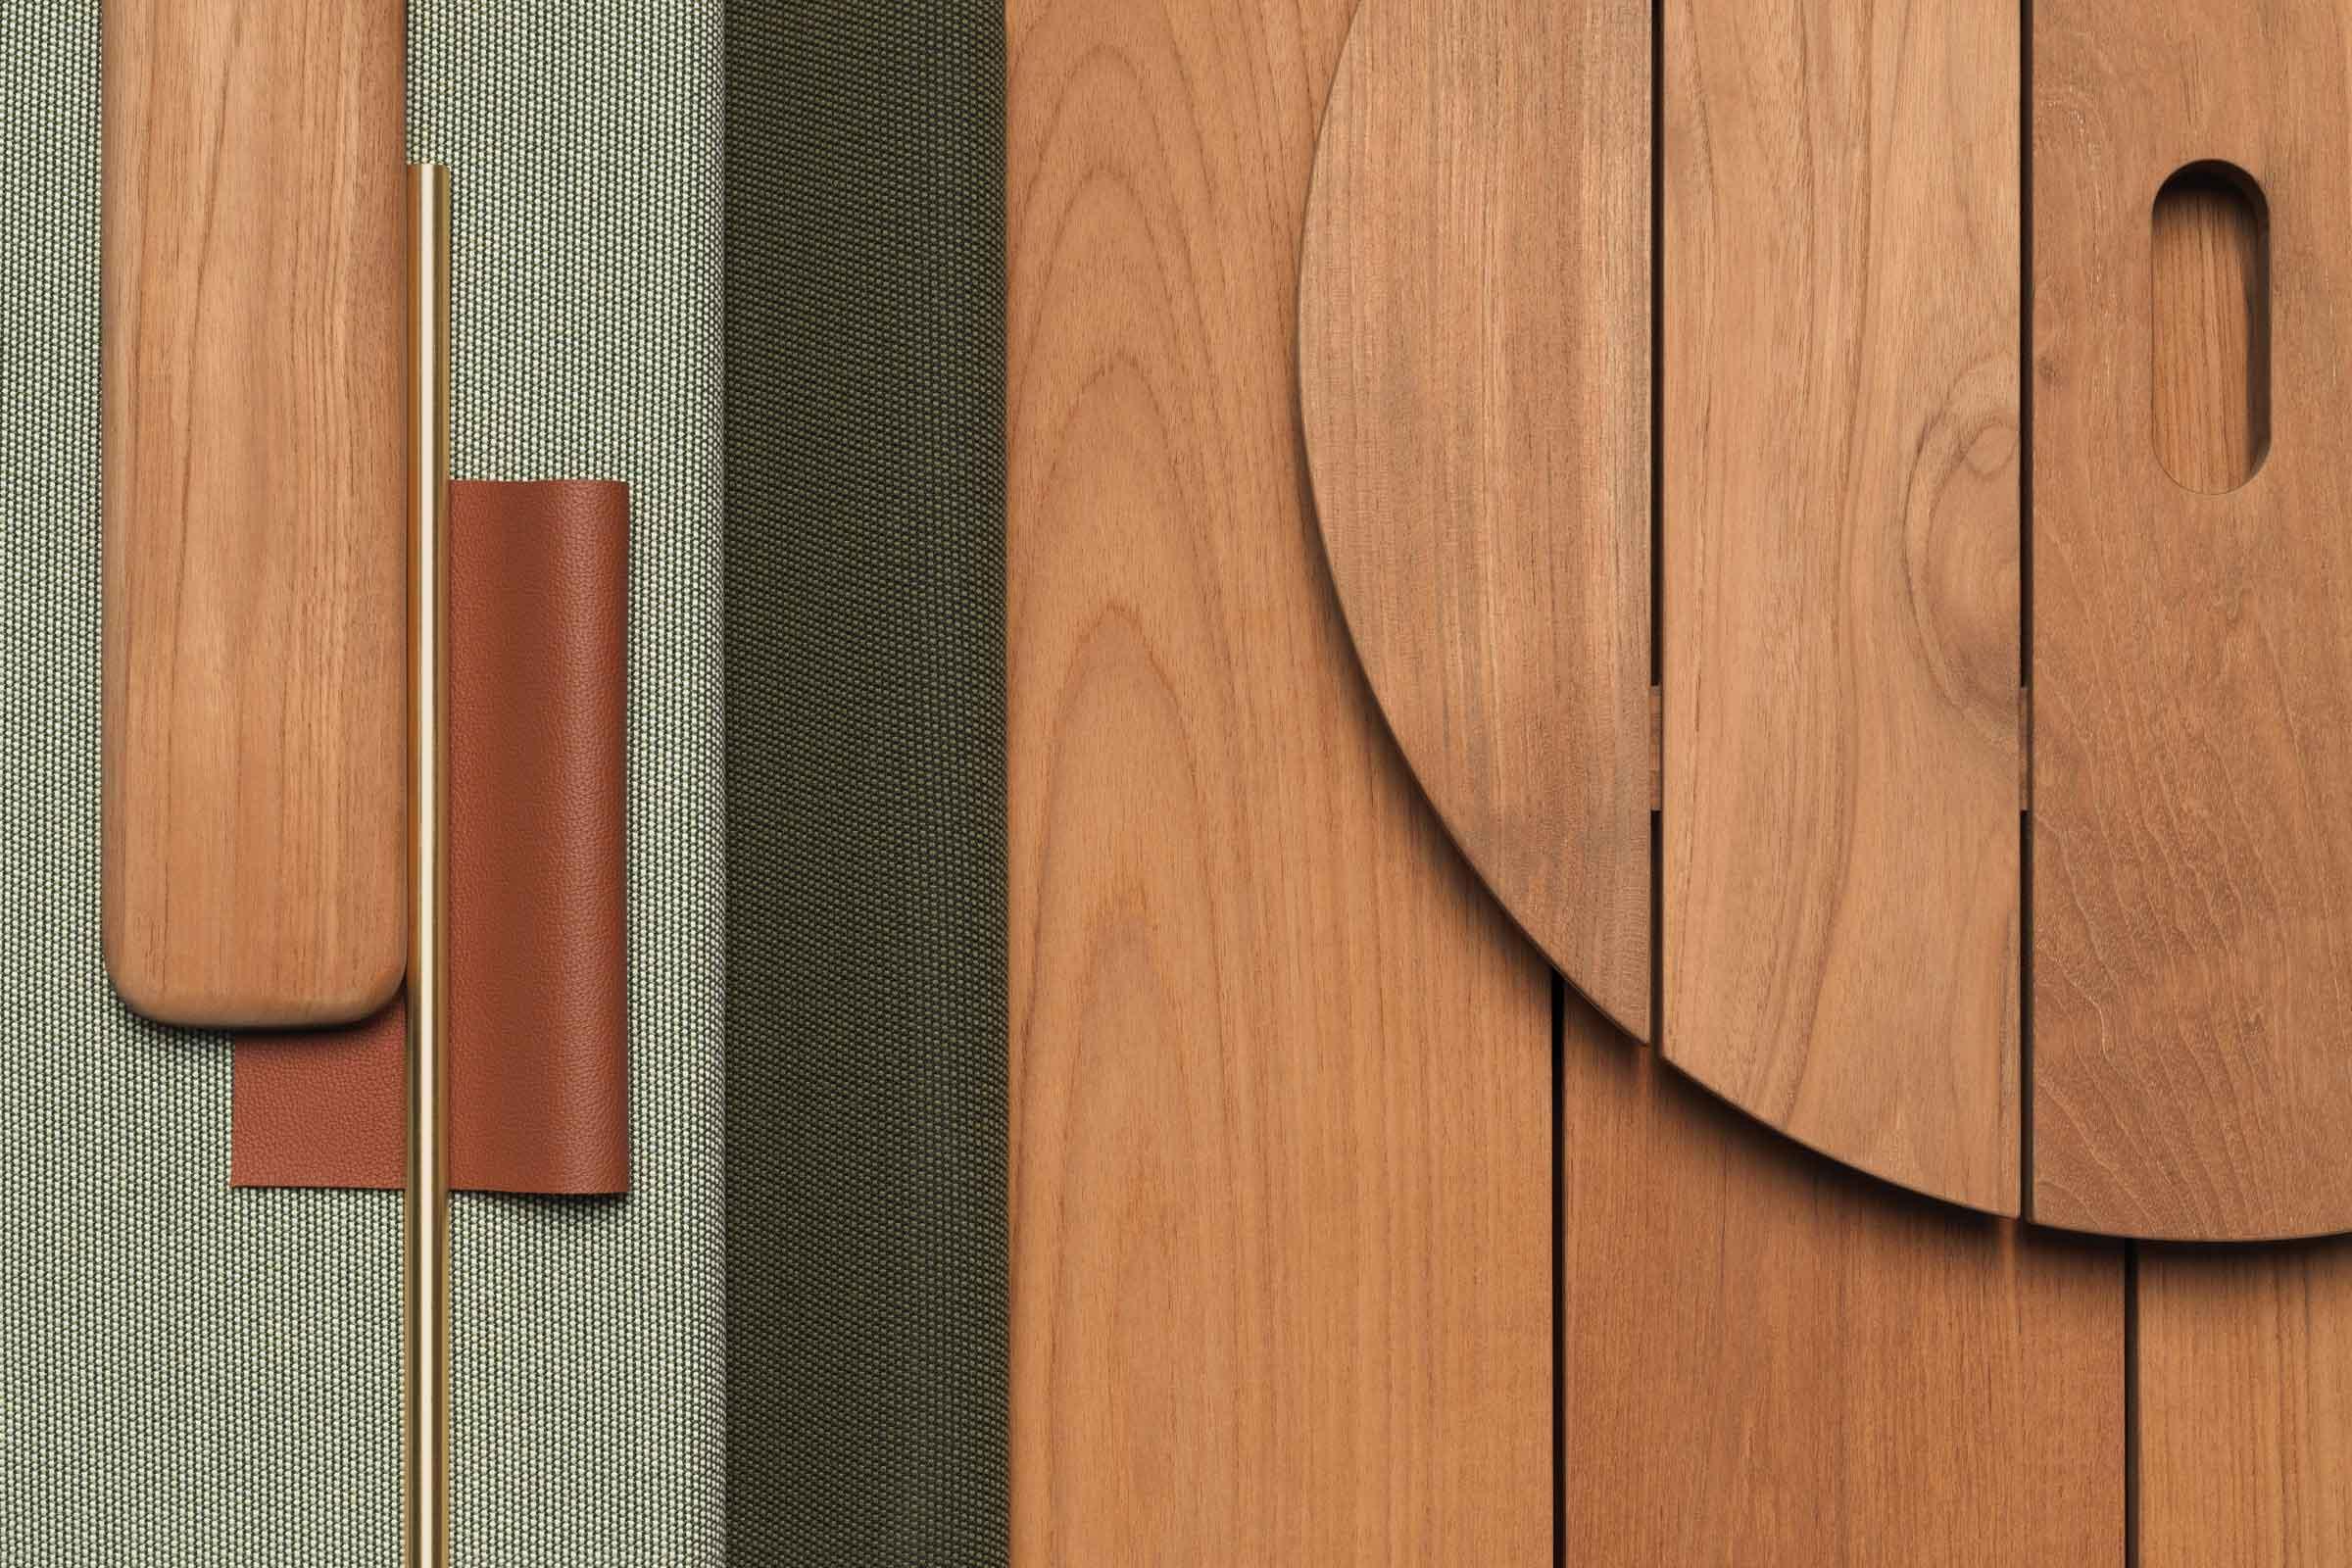 detalle de la madera de teca y tejidos